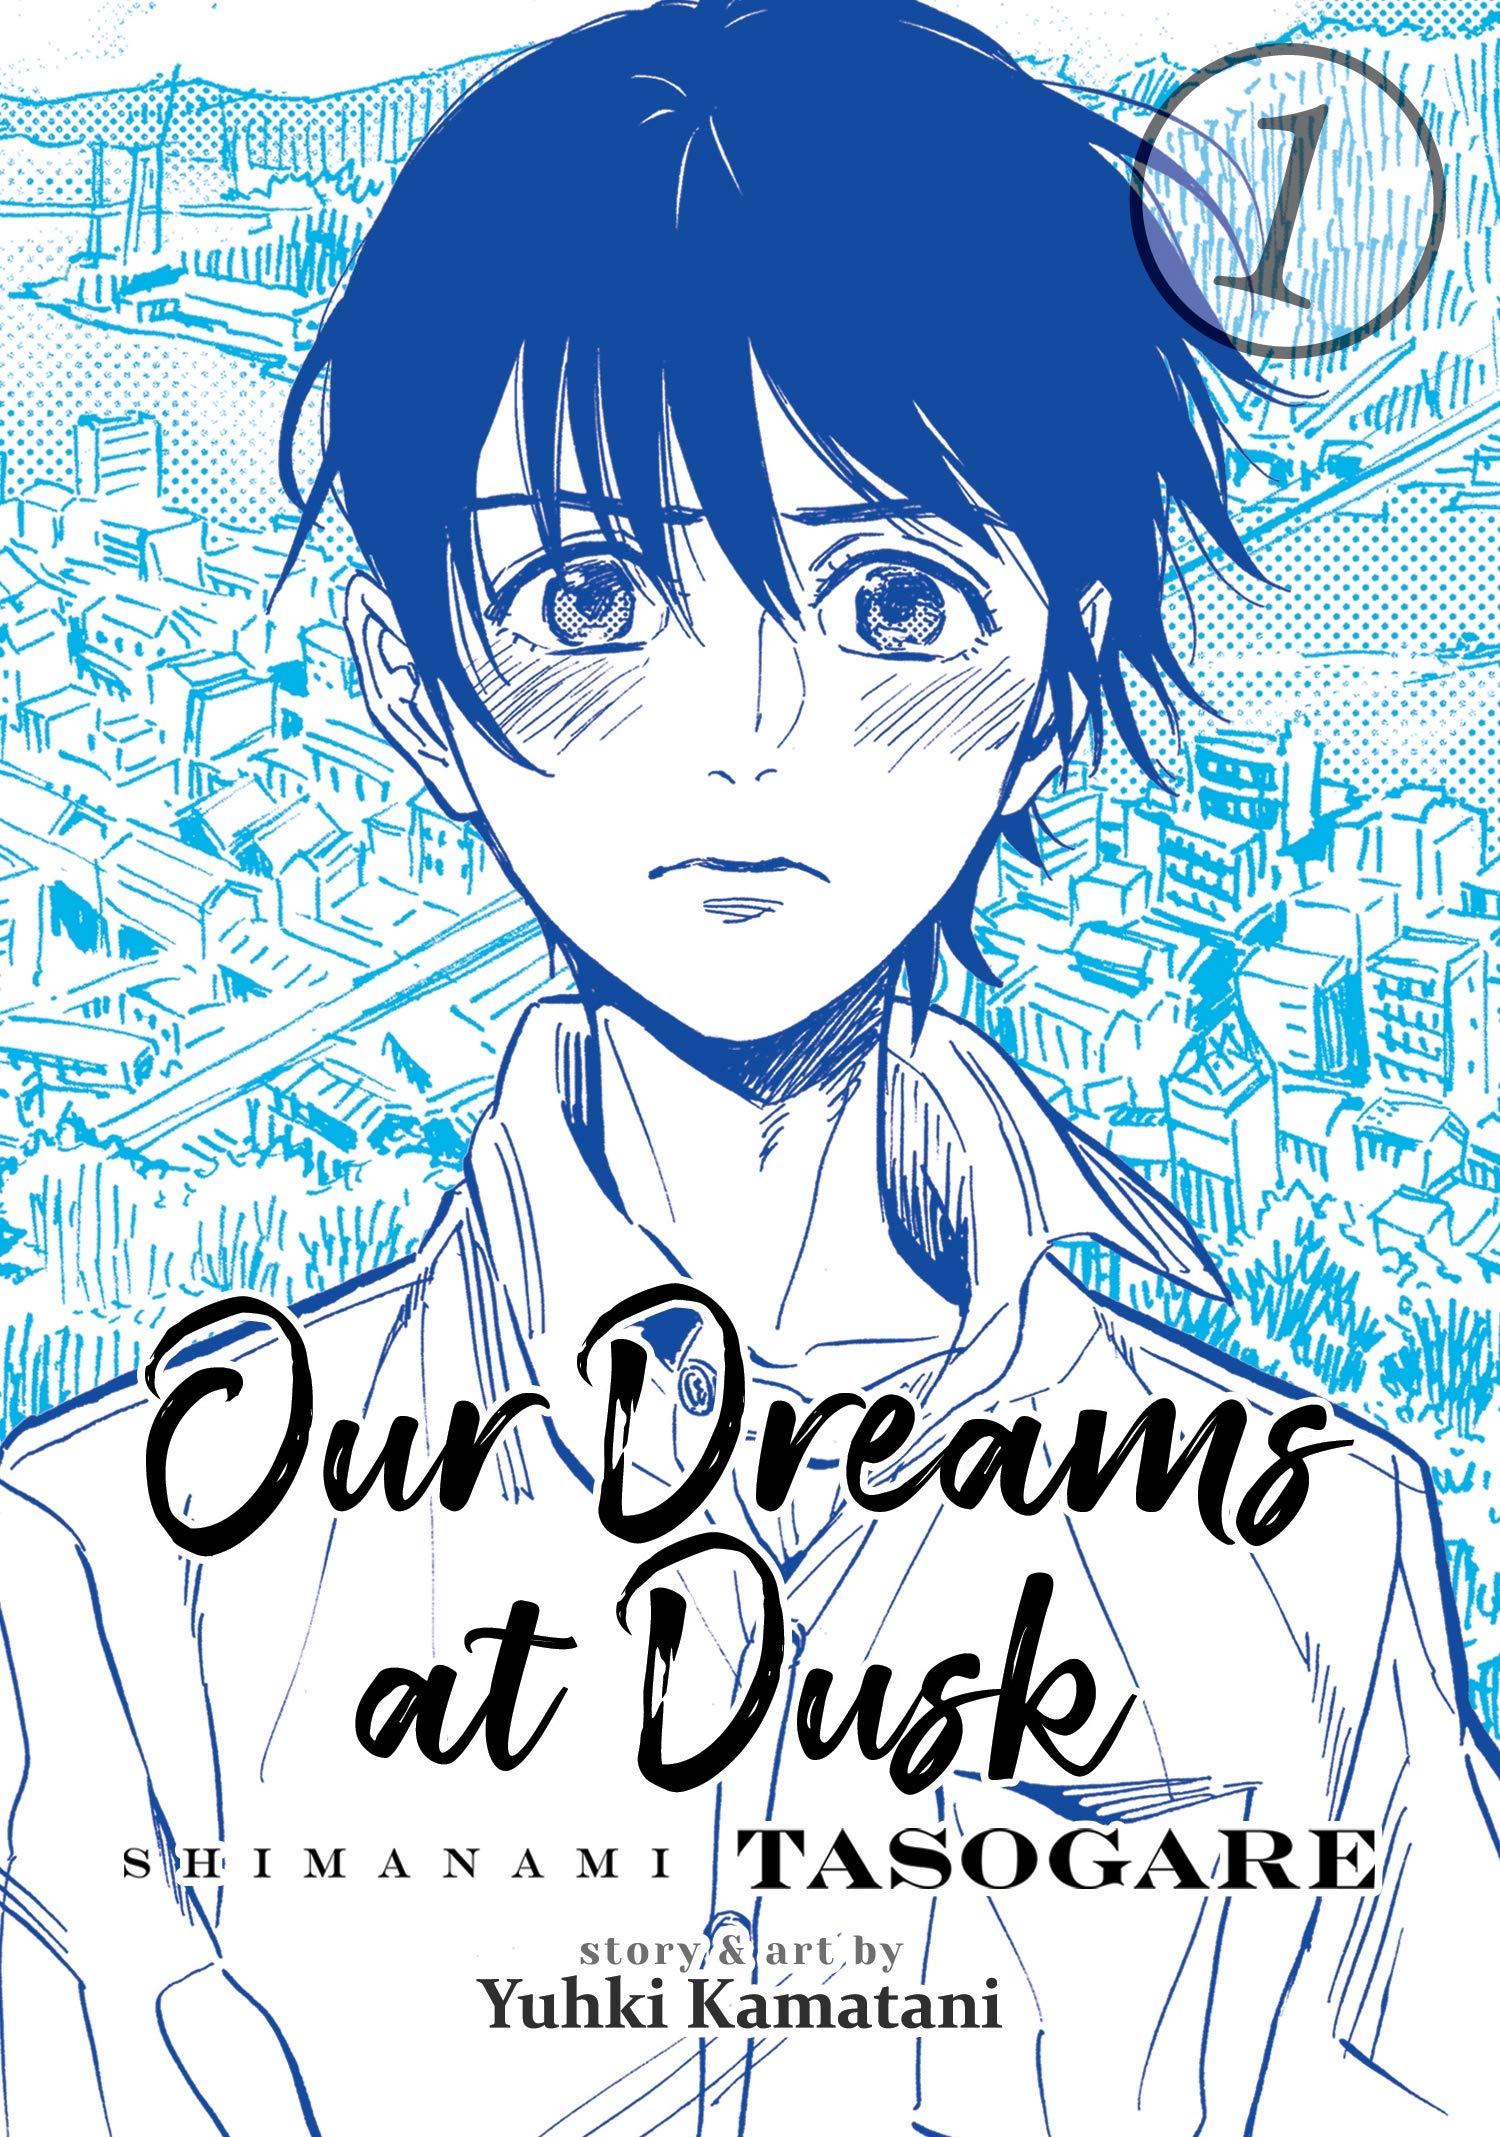 Shimanami Tasogare Vol Our Dreams at Dusk 1